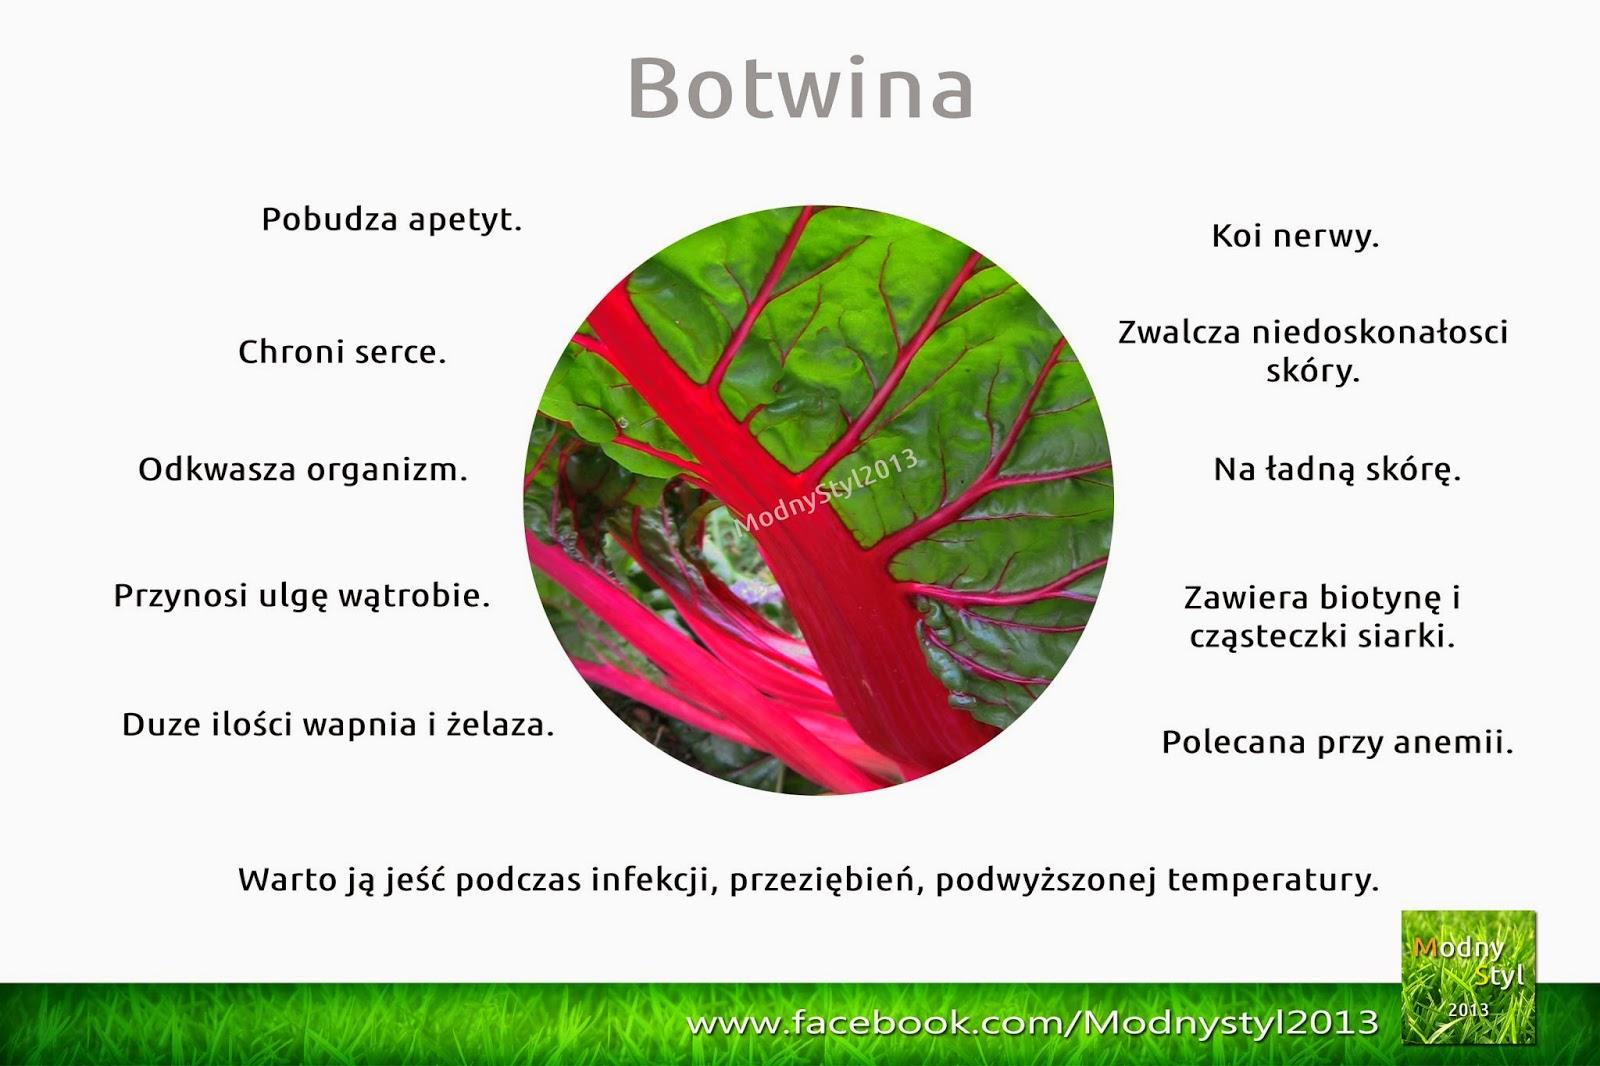 Botwina